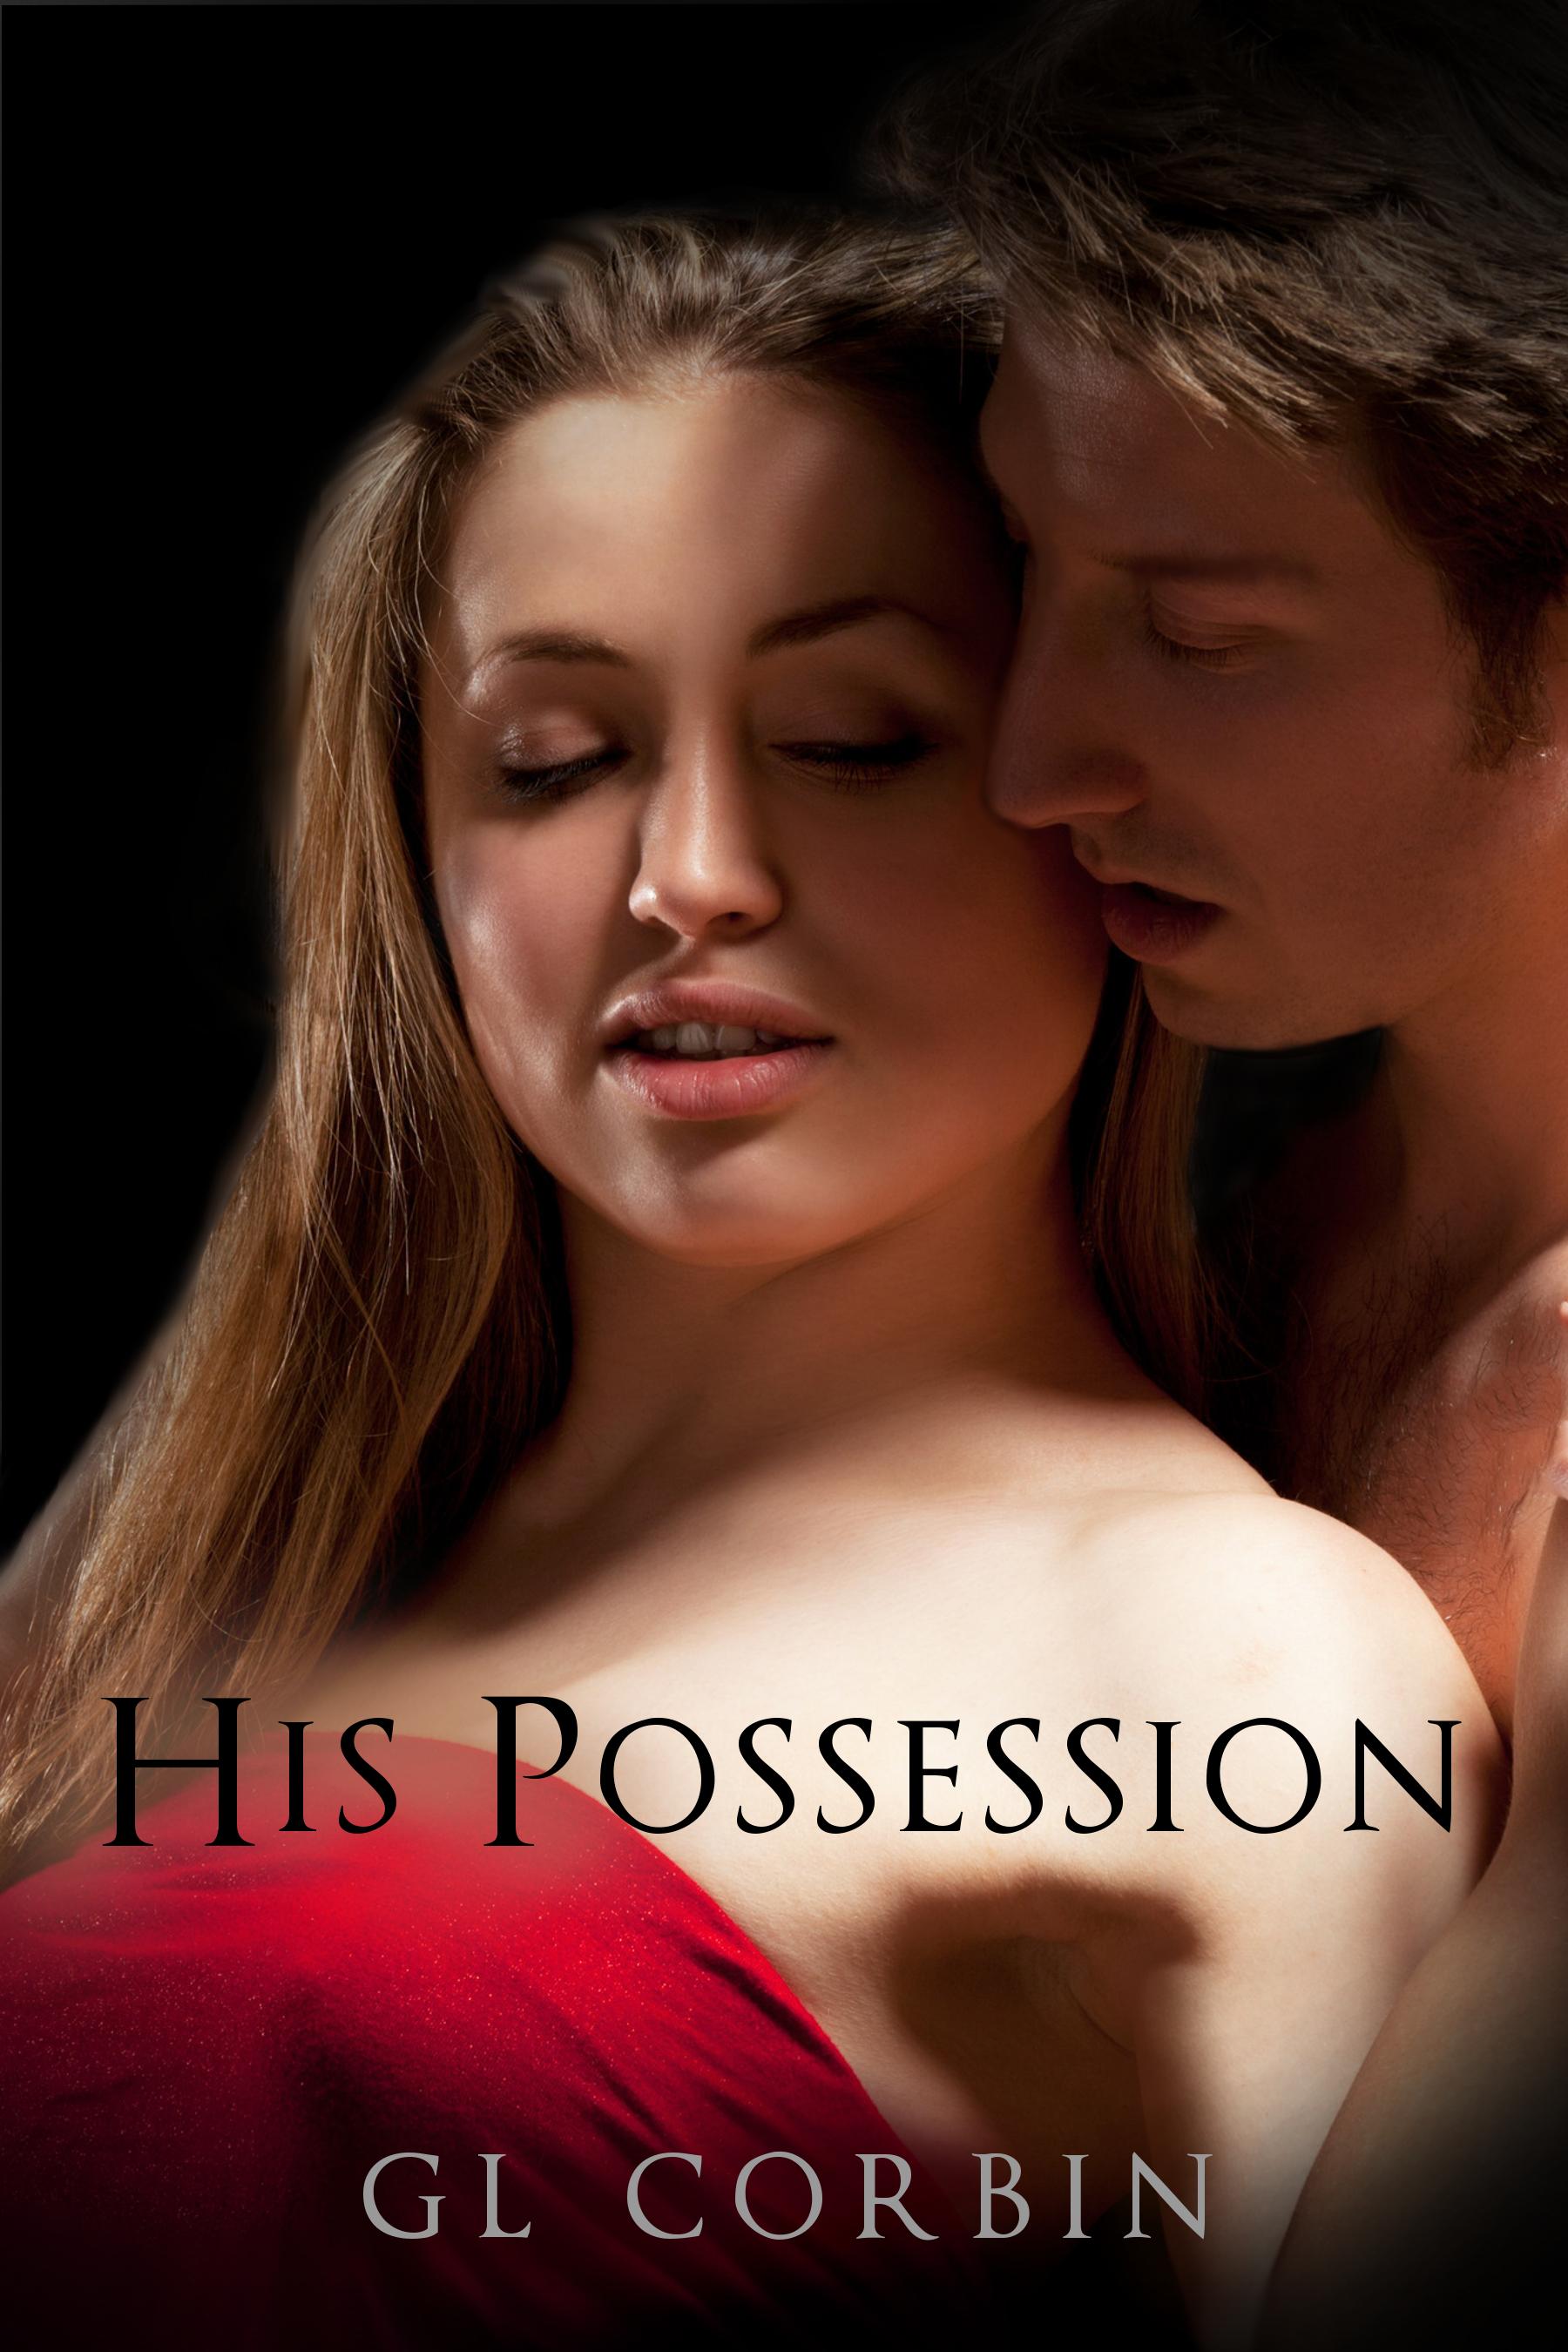 GL Corbin - His Possession